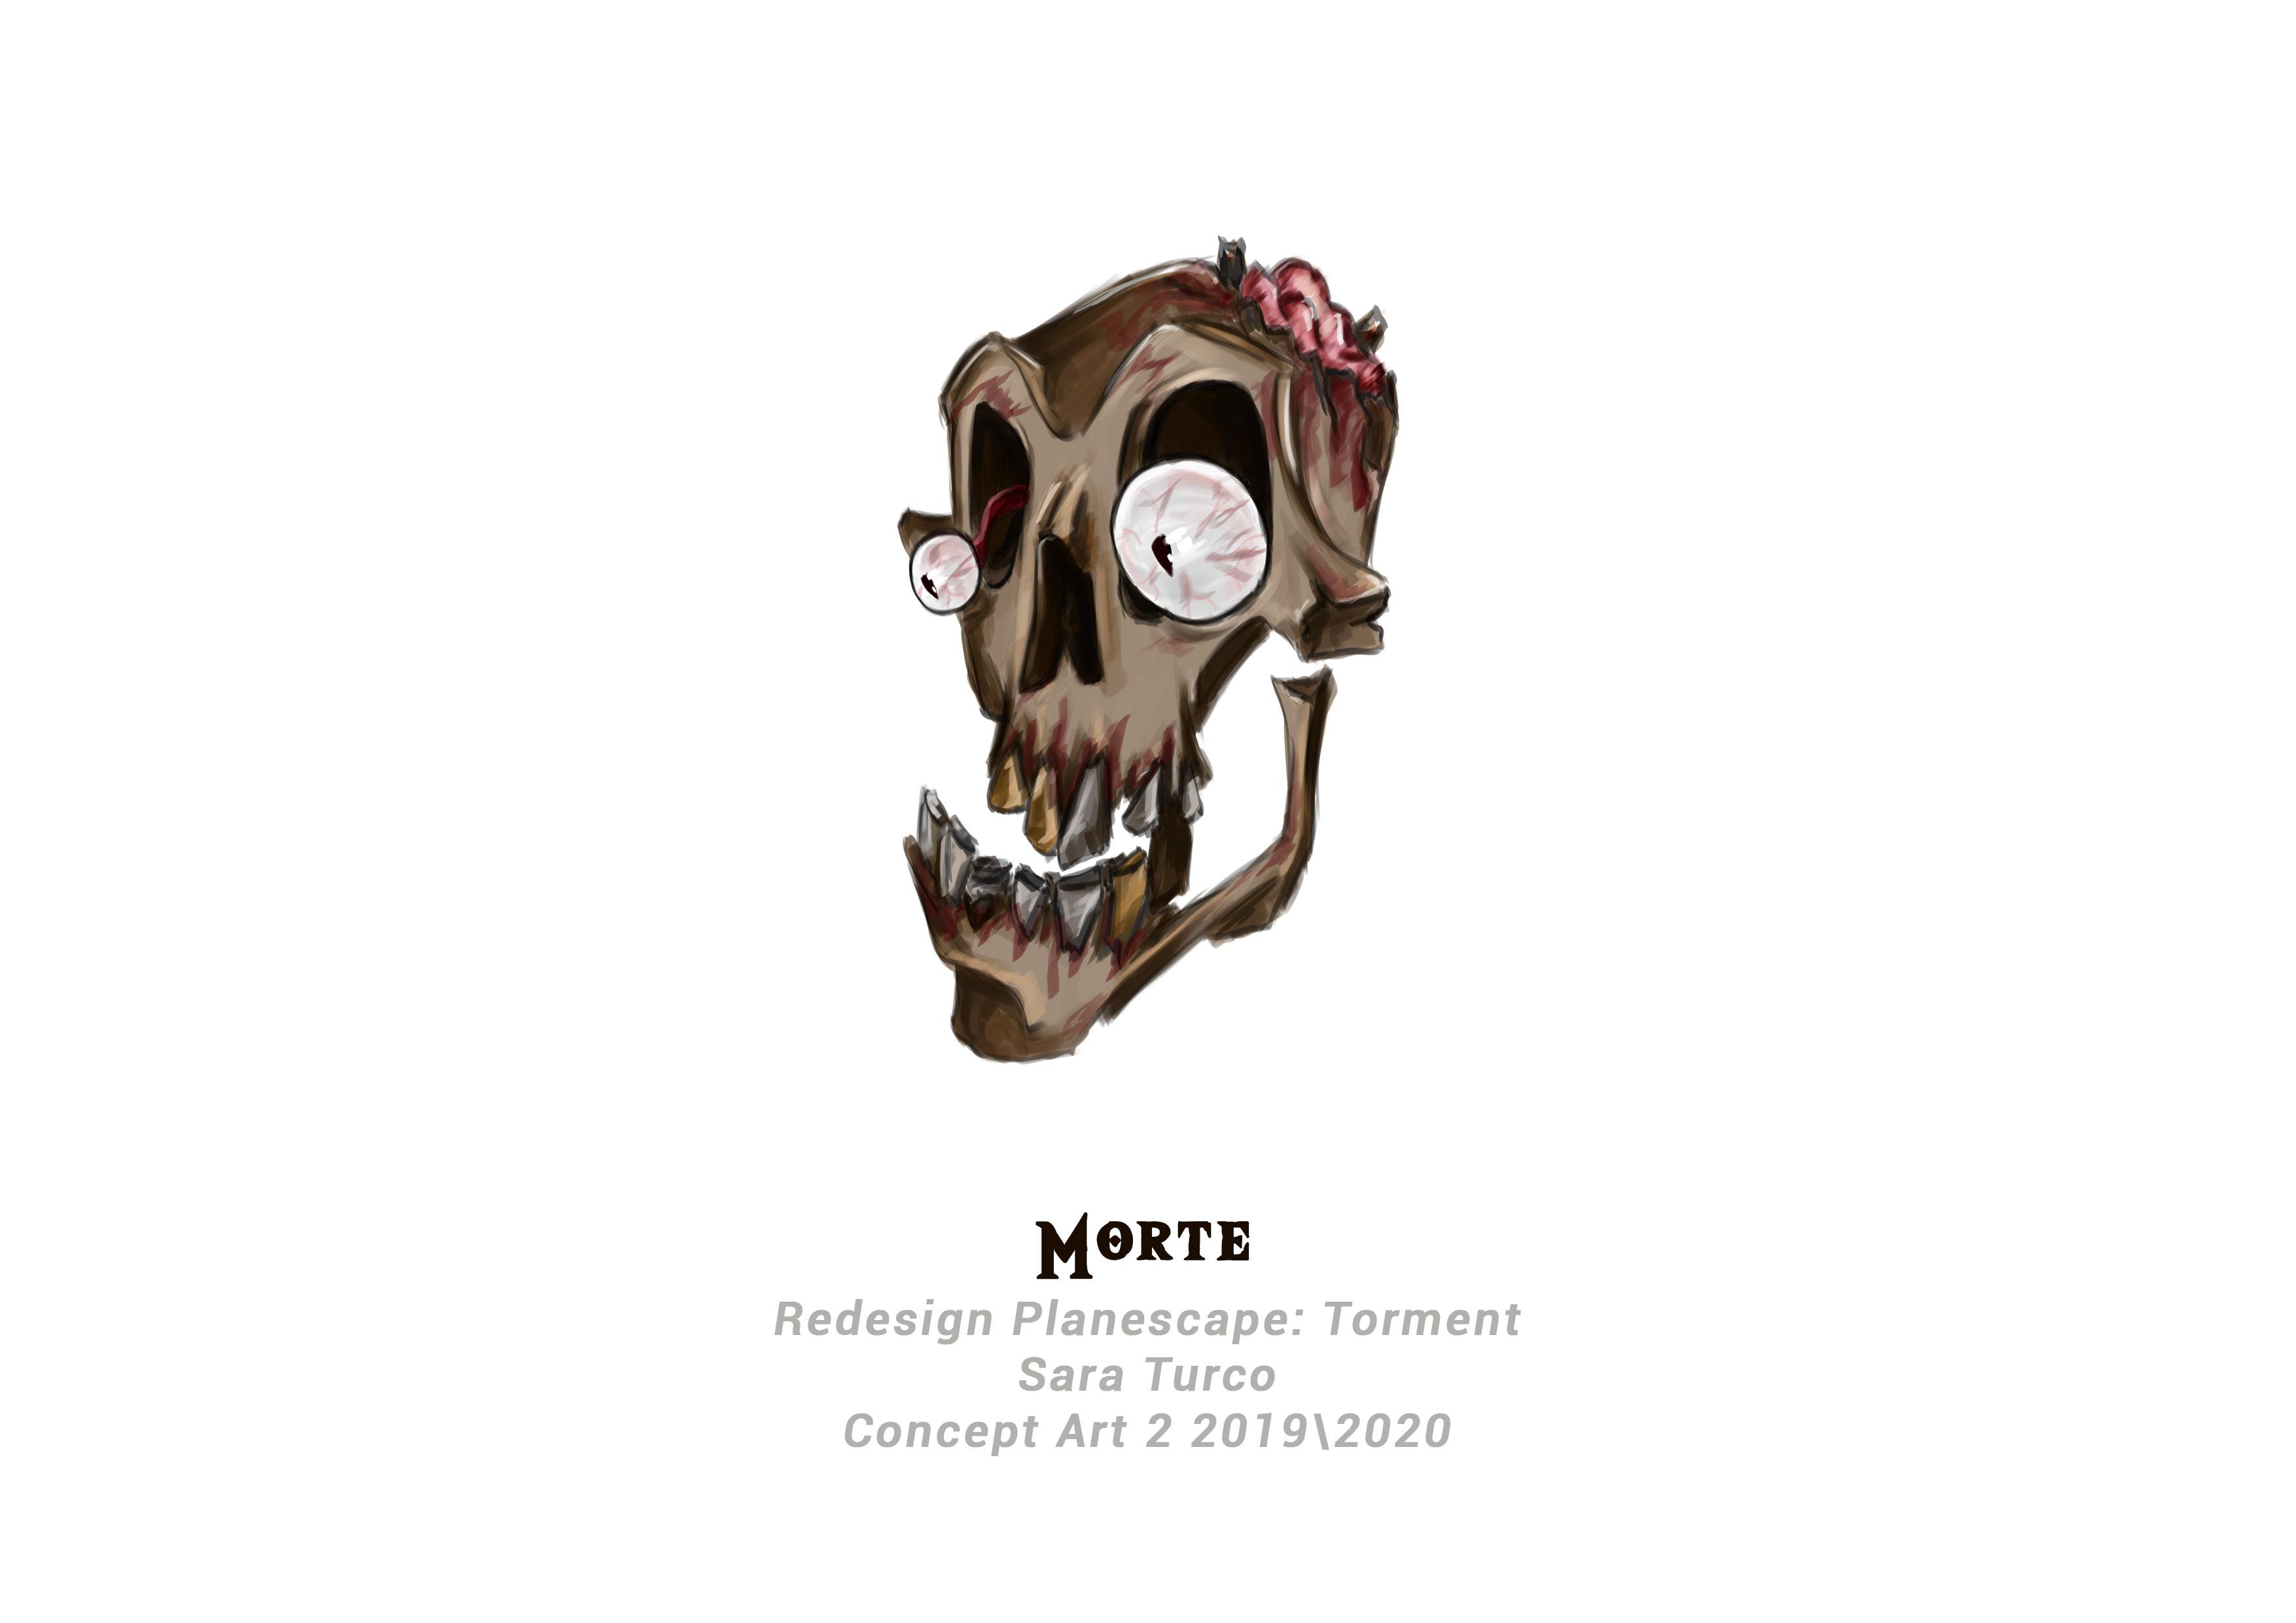 {$tags} Concept study personaggio, Morte - by Sara Turco Planescape Torment Redesign Project (2020) © Scuola Internazionale di Comics Torino e dell'autore, tutti i diritti riservati